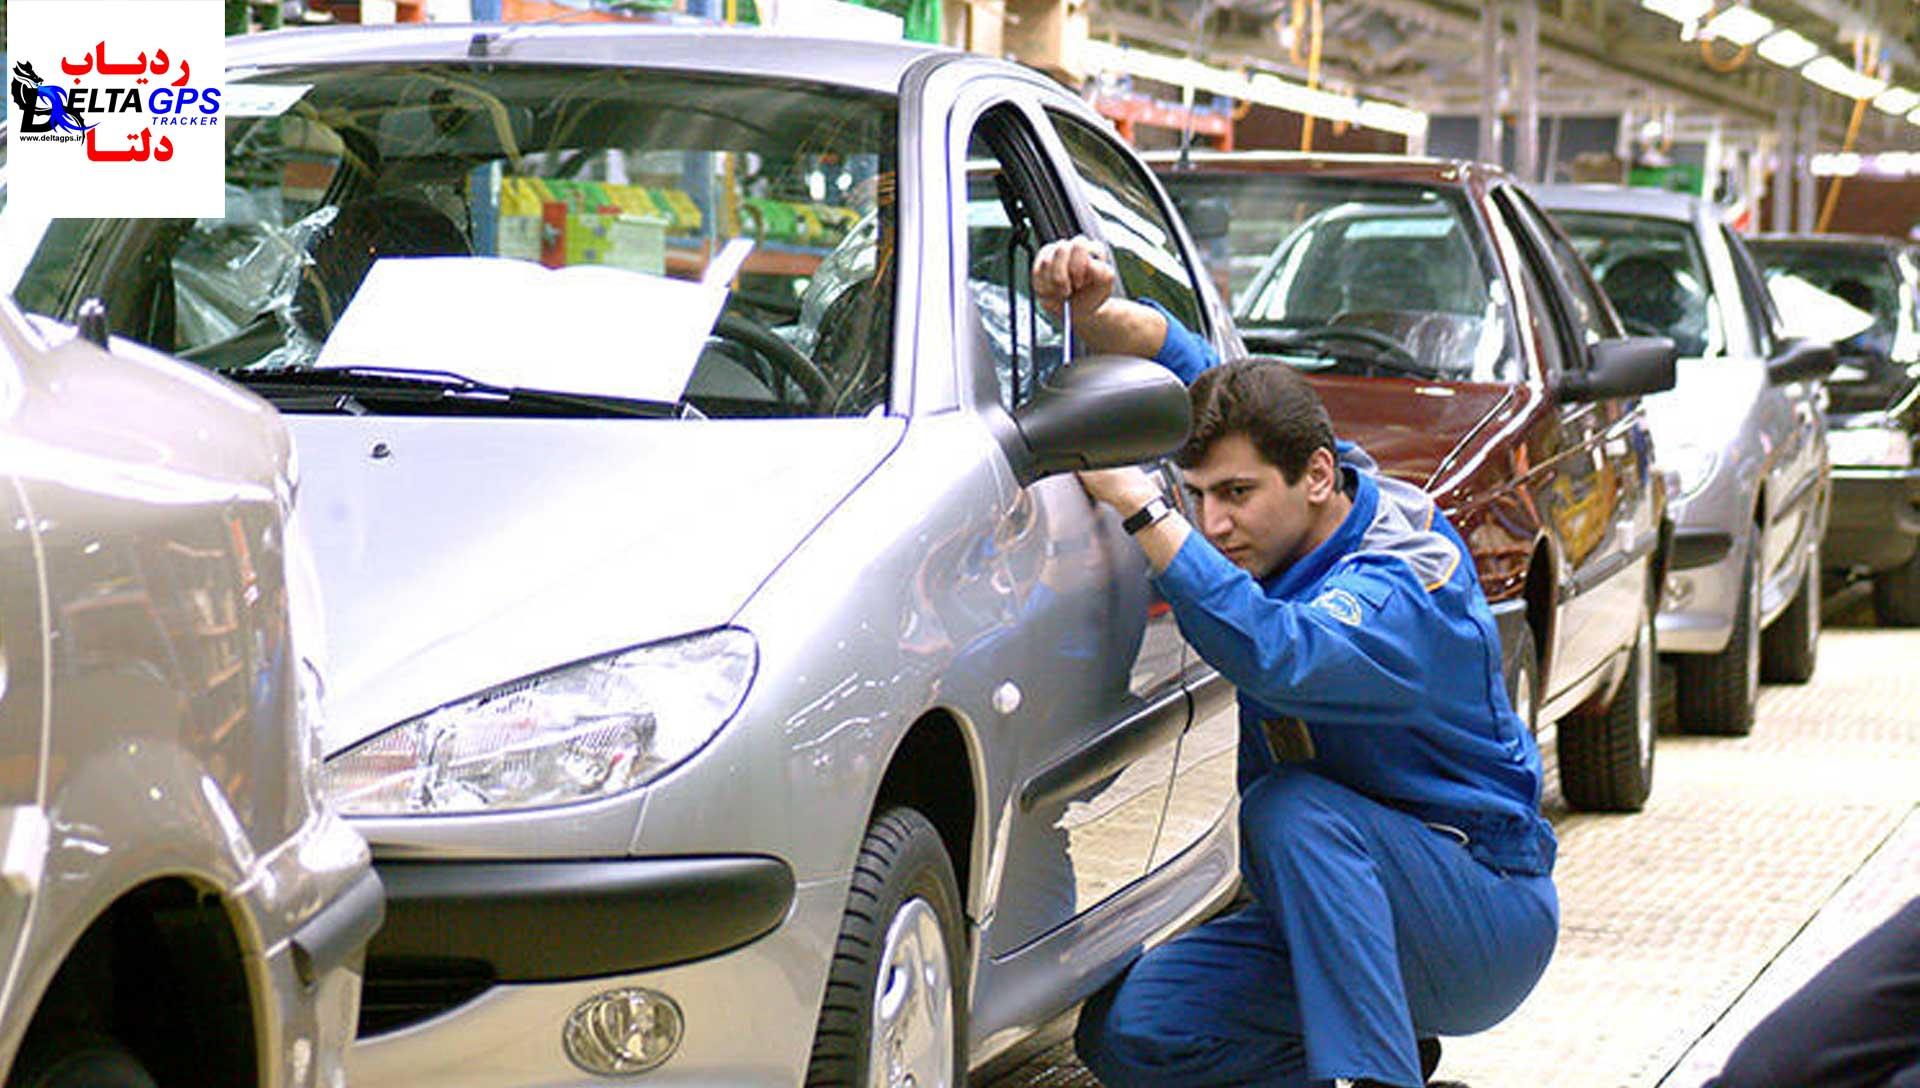 جی پی اس ردیاب ماشین ارزان قیمت